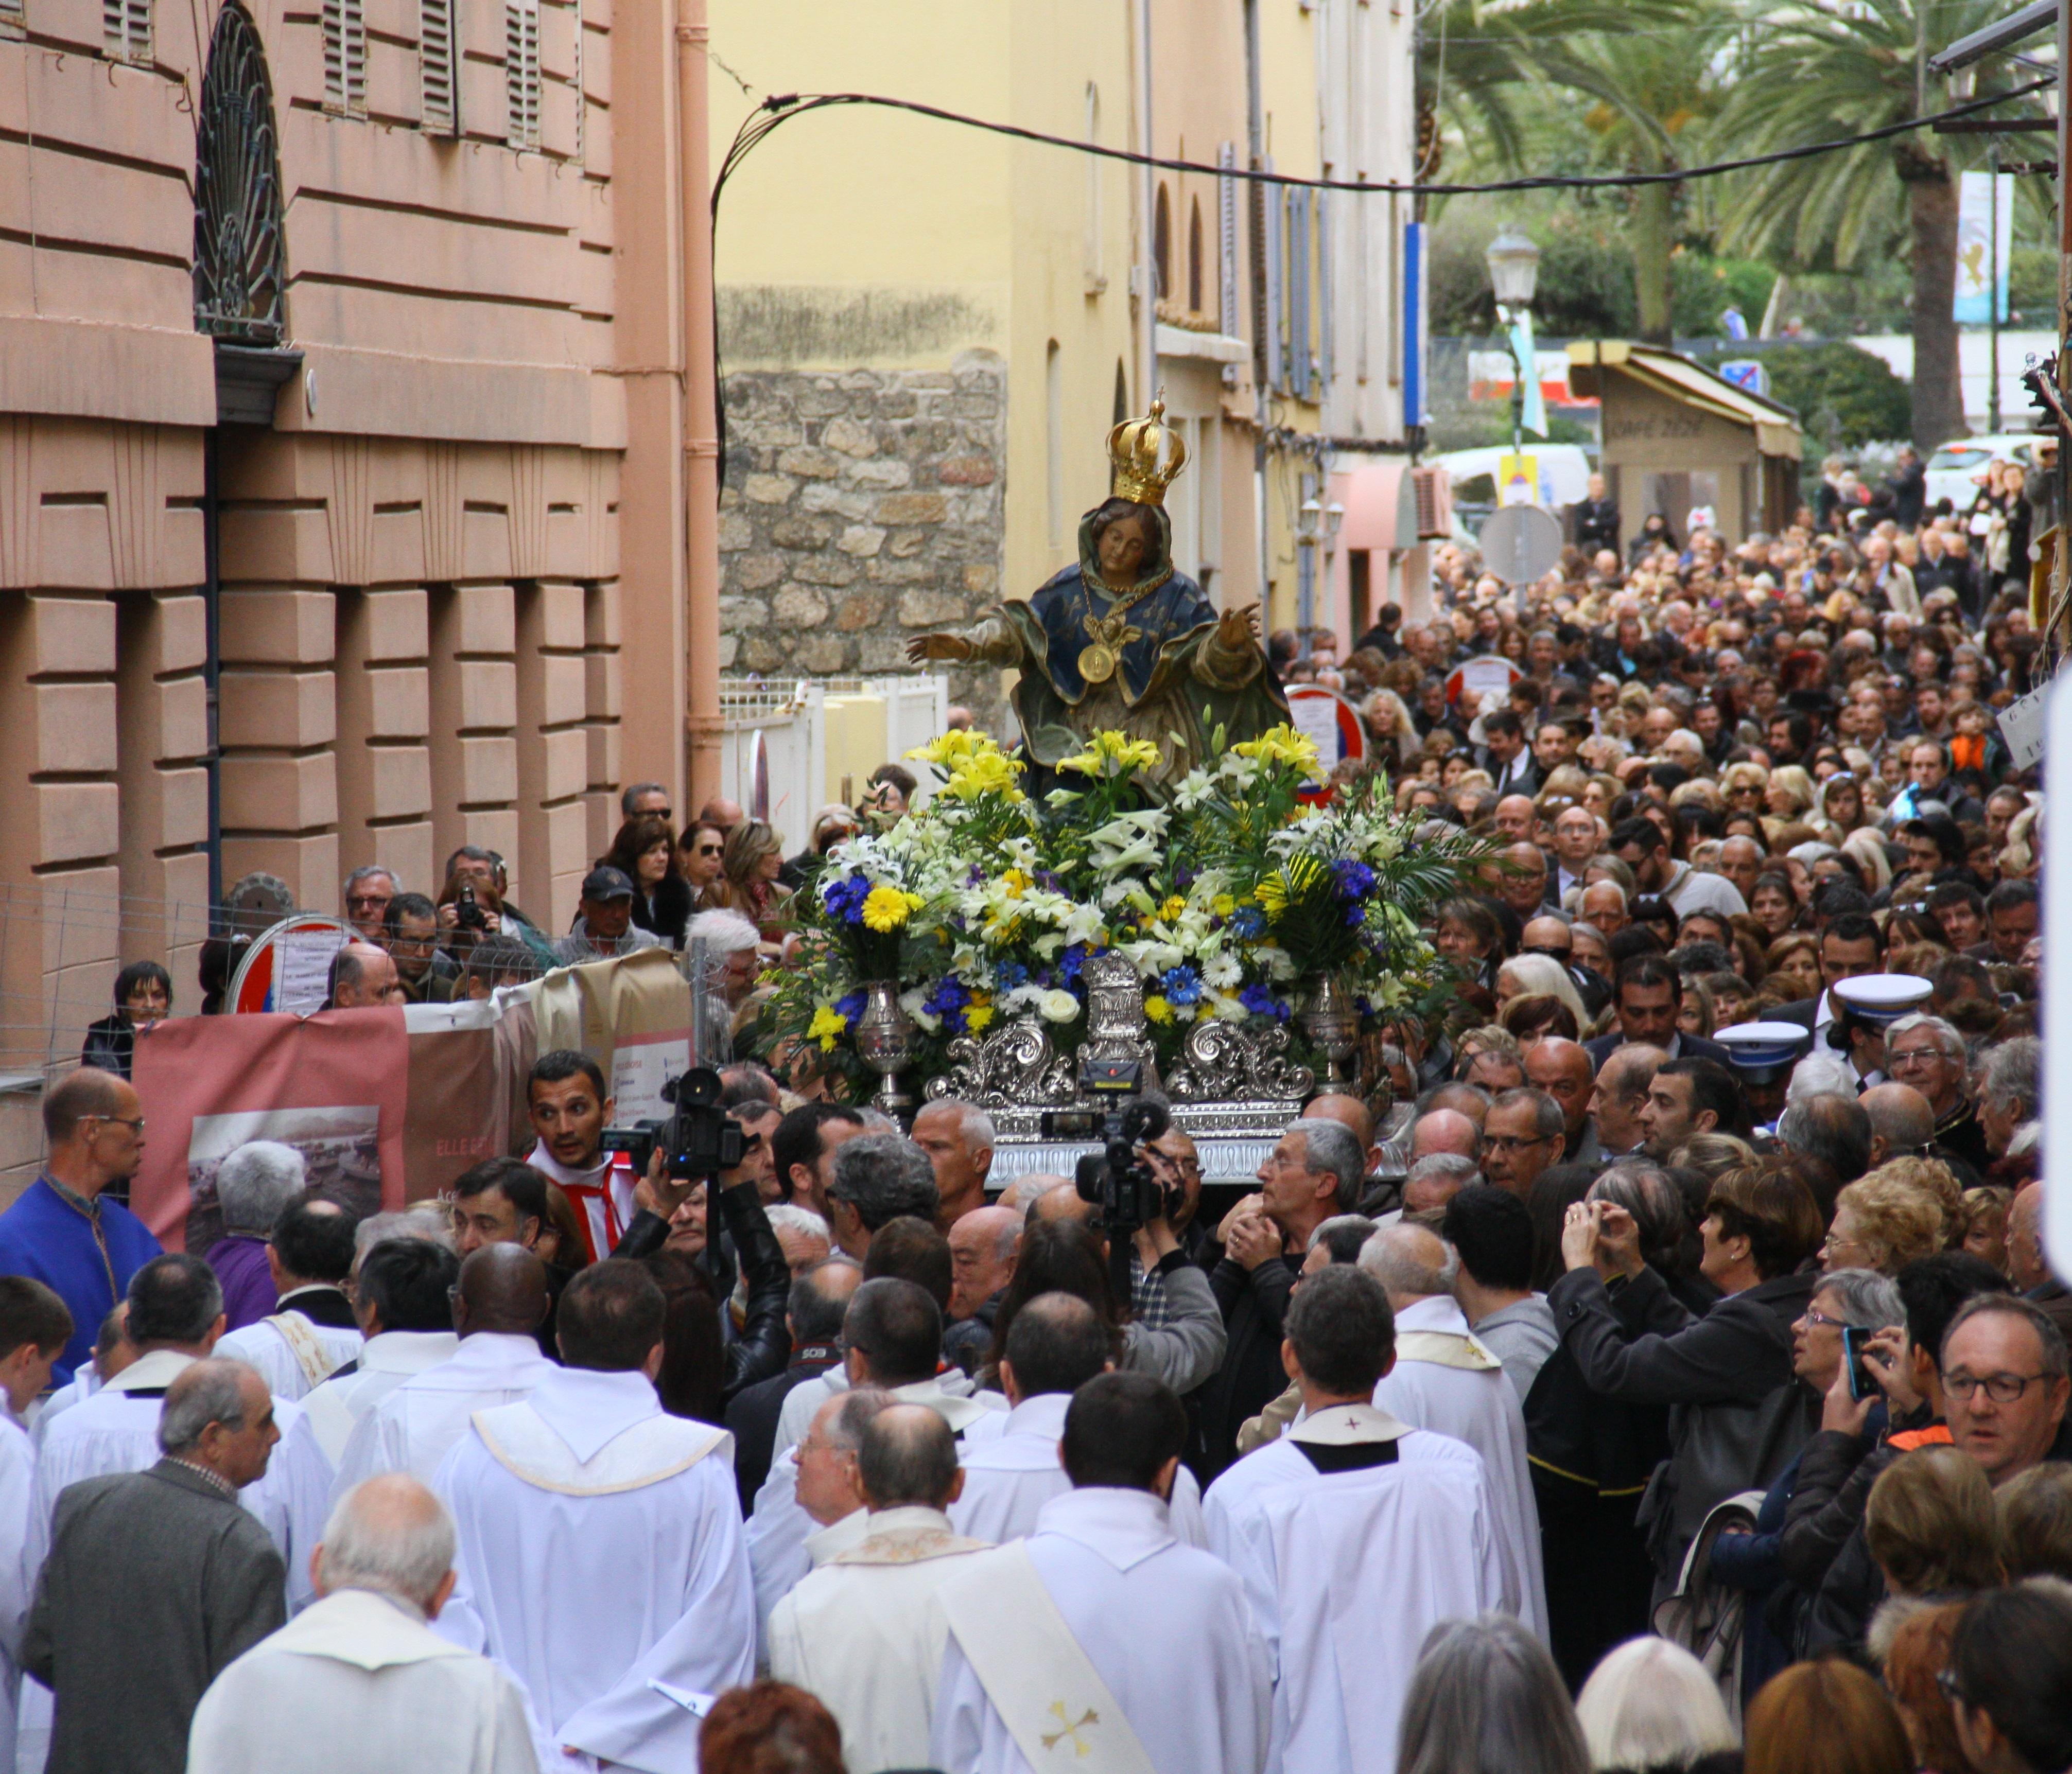 La procession qui rassemble des milliers de personnes dans les rues d'Ajaccio est reportée.